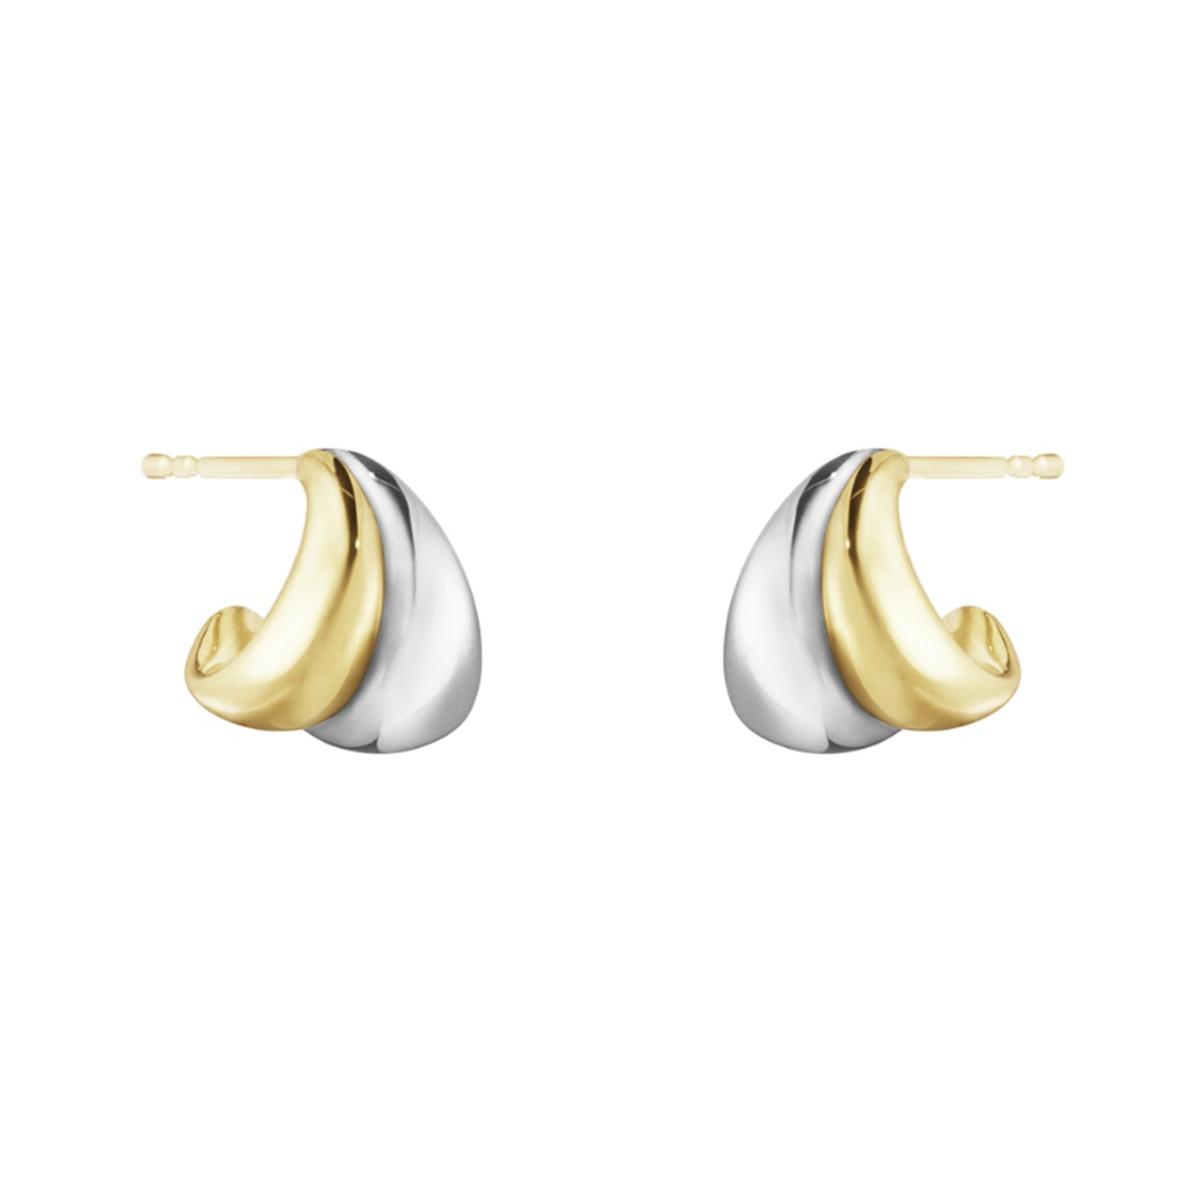 Georg Jensen Curve Earrings